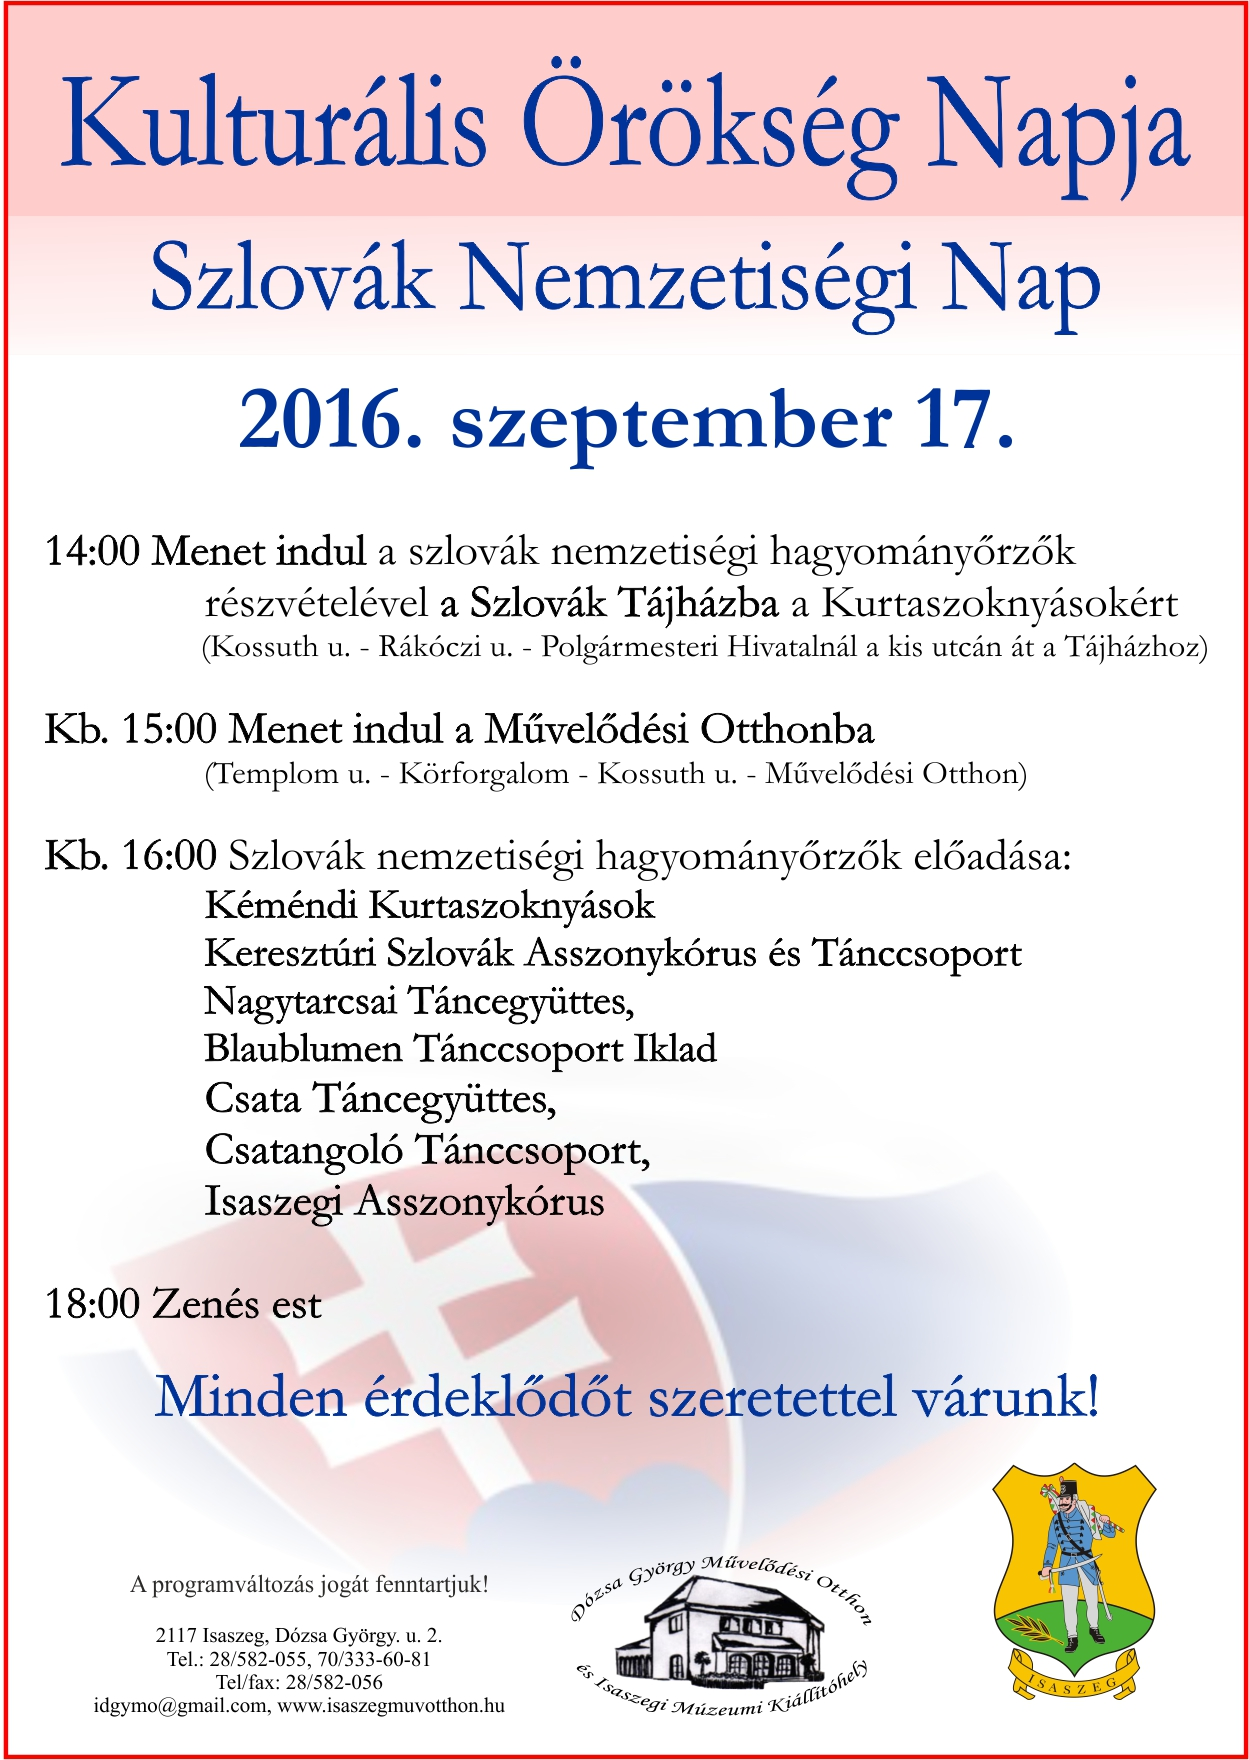 Kulturális Örökség Napja - Szlovák Nemzetiségi Nap